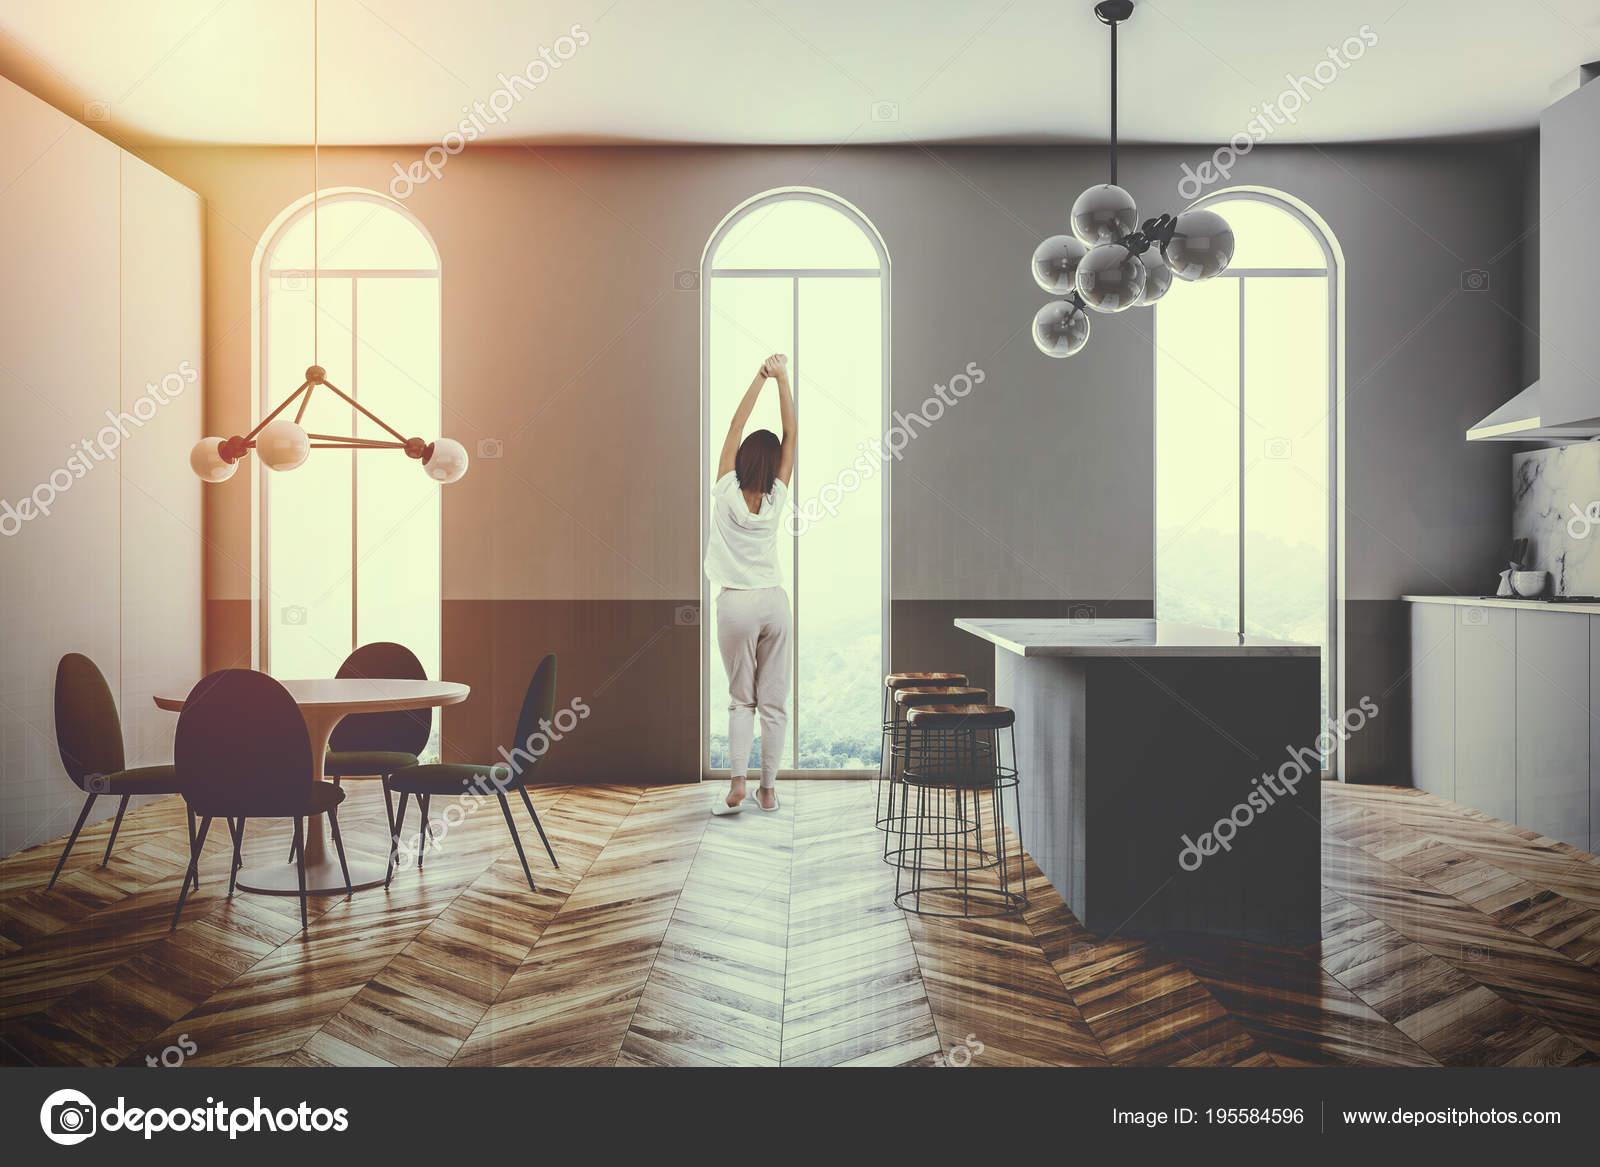 Bar di finestre ad arco interno grigio cucina tonica — Foto ...